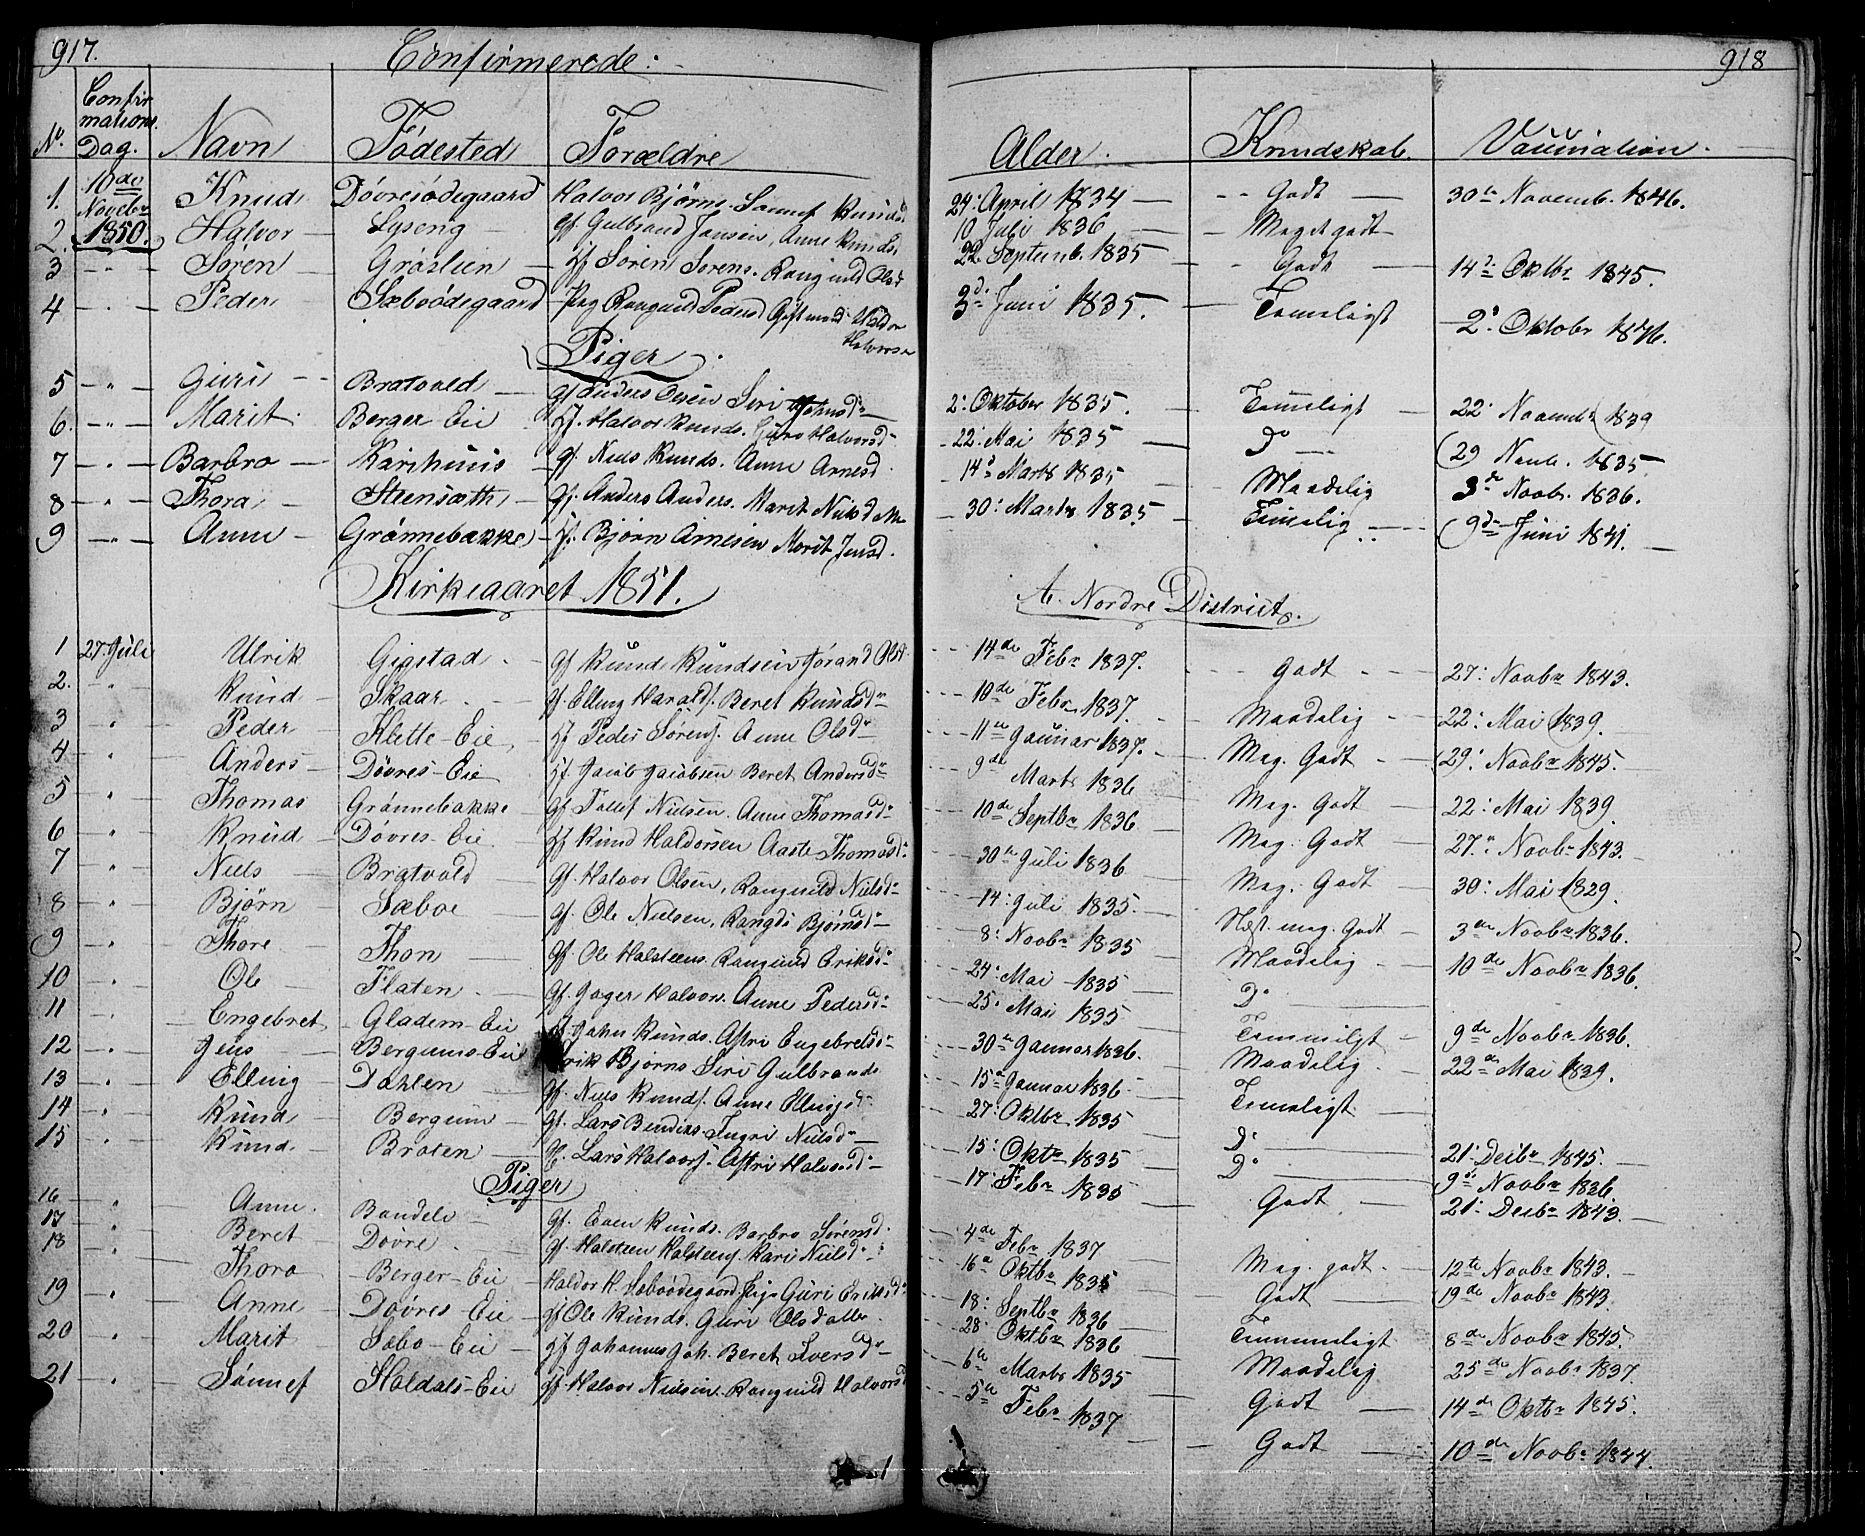 SAH, Nord-Aurdal prestekontor, Klokkerbok nr. 1, 1834-1887, s. 917-918